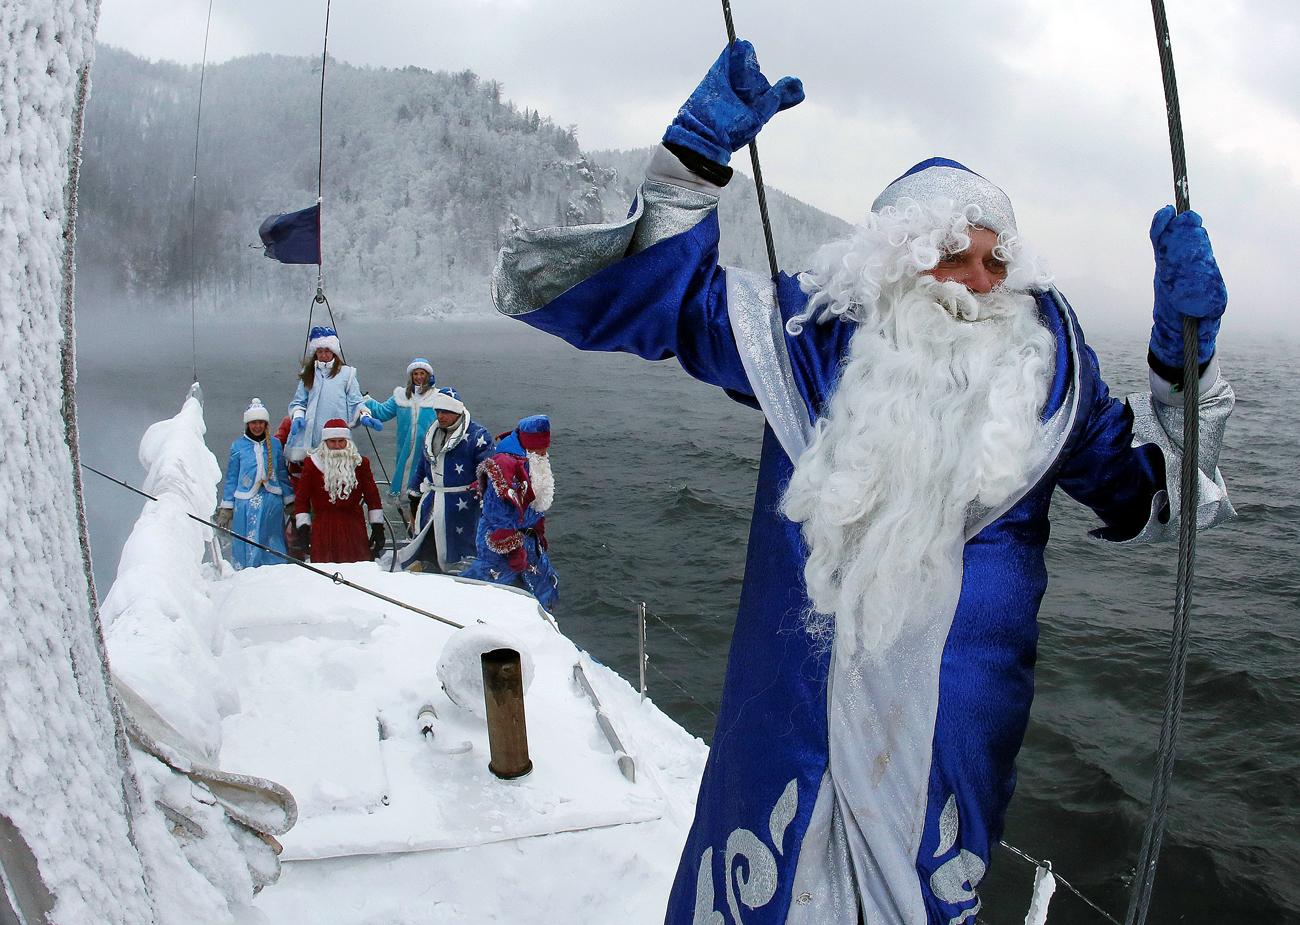 """Člani jahtnega kluba """"Skipper"""" so se preoblekli v Dedke Mraze in njegove vnučke Sneguljčice in zajadrali po reki Jenisej, s čimer so obeležili konec jadralne seznone. V mestu Krasnojarsk v Sibiriji so se temperature spustile na – 21 stopinj Celzija."""